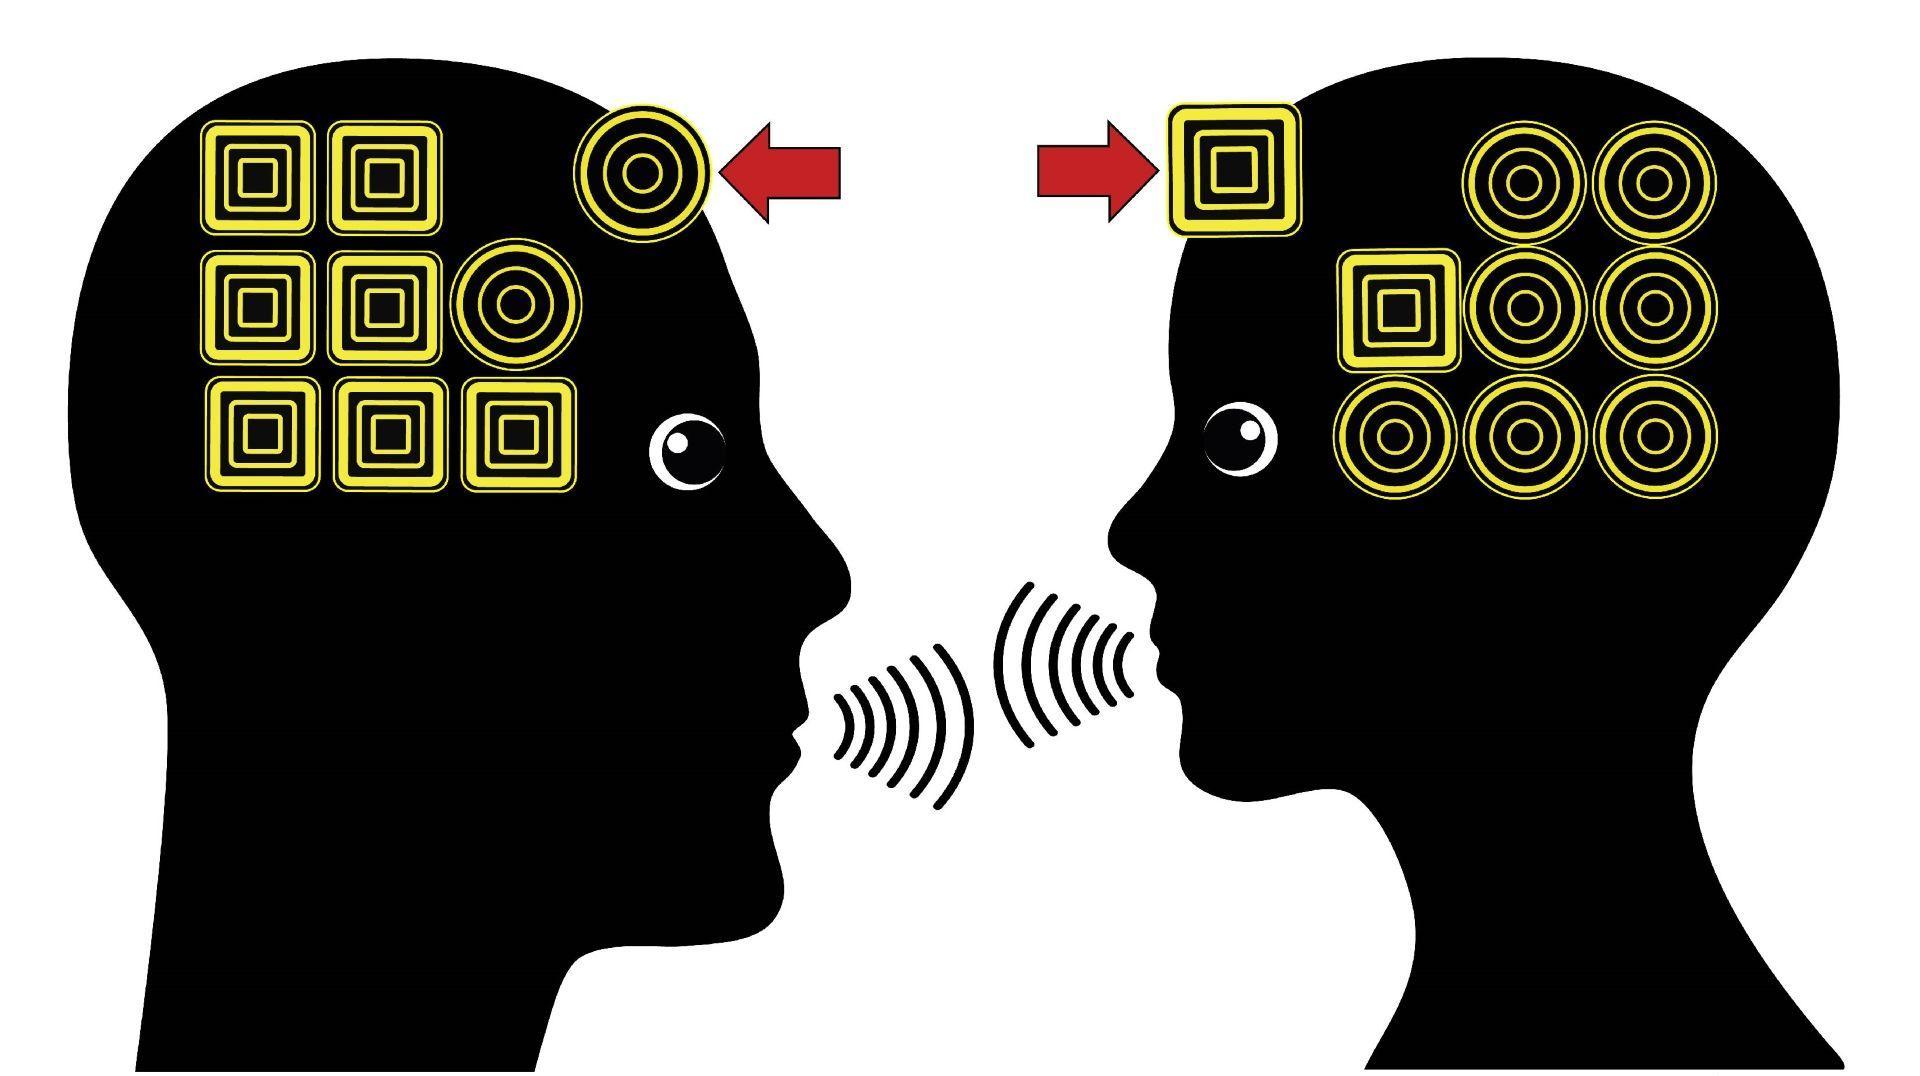 Способность сопереживать генетически связана с шизофренией и не только